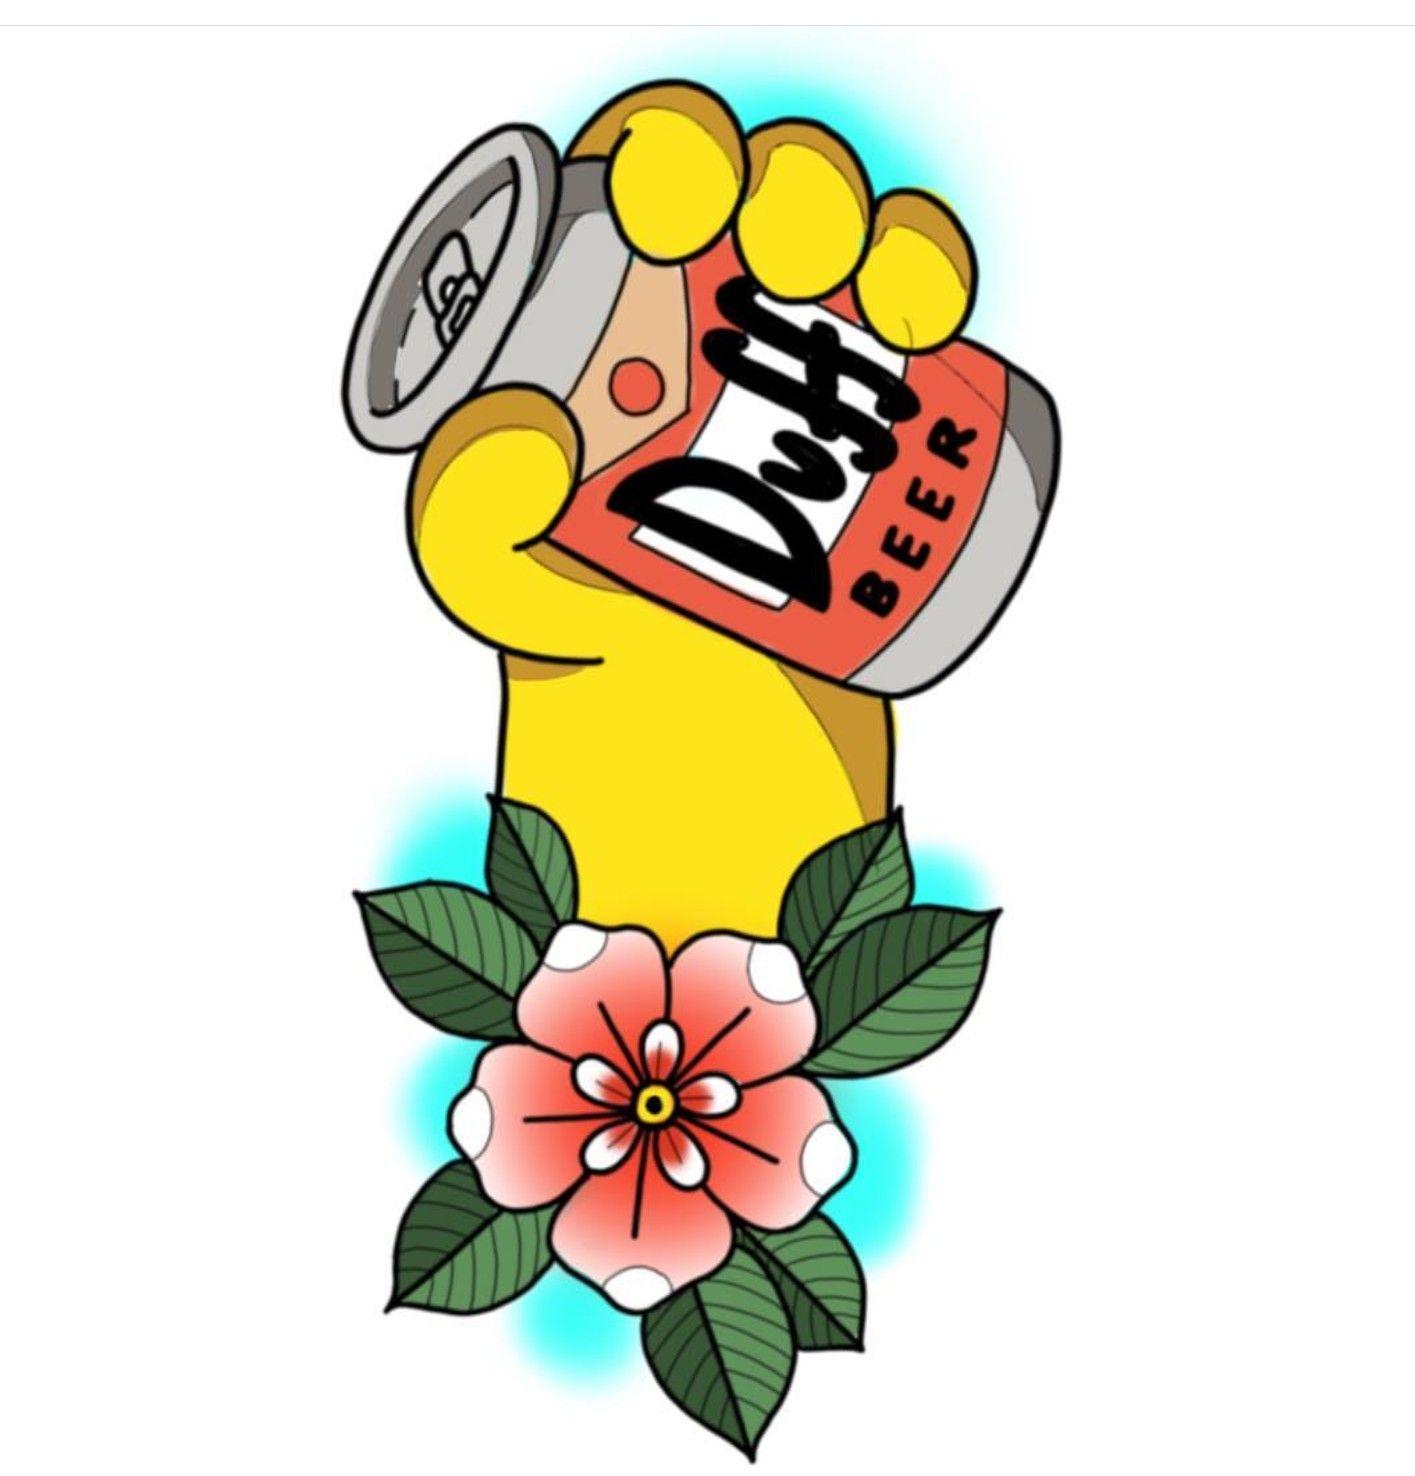 Duff Tattoo Design The Simpsons Tatuaje De Los Simpsons Dibujos De Los Simpson Los Simpsons Dibujos